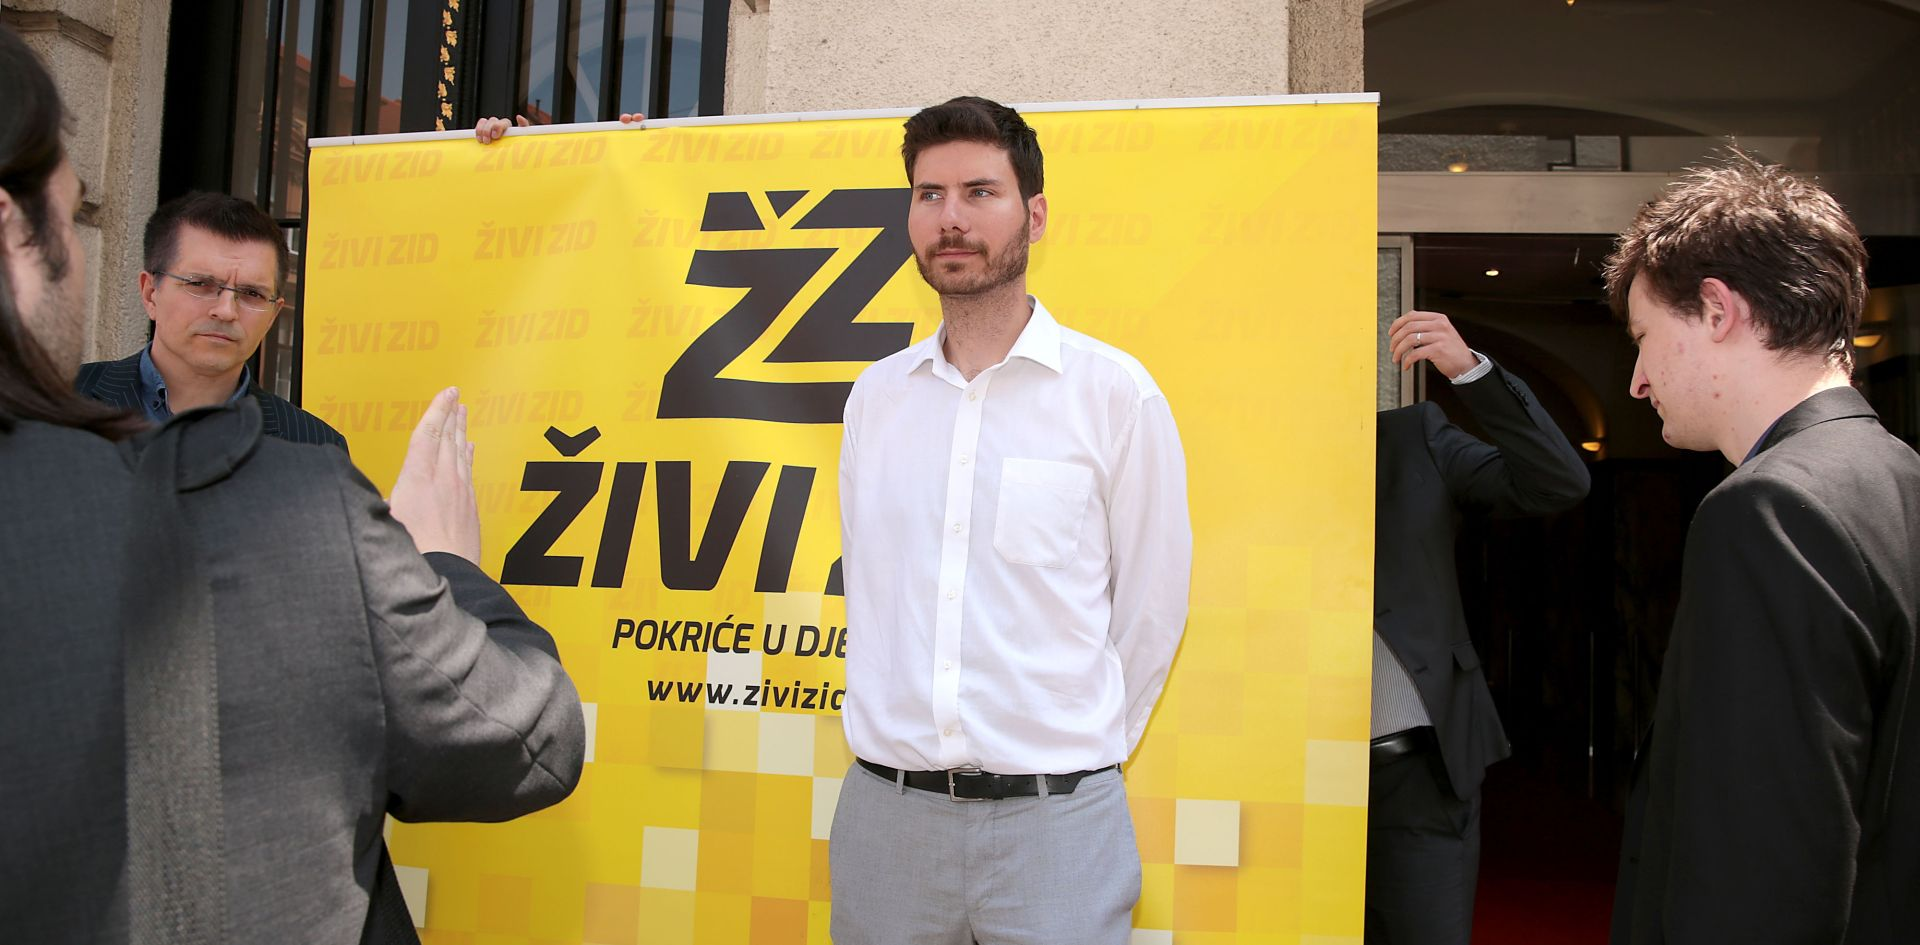 Pernar: I dalje stojimo pri odluci da ne koaliramo ni s kim